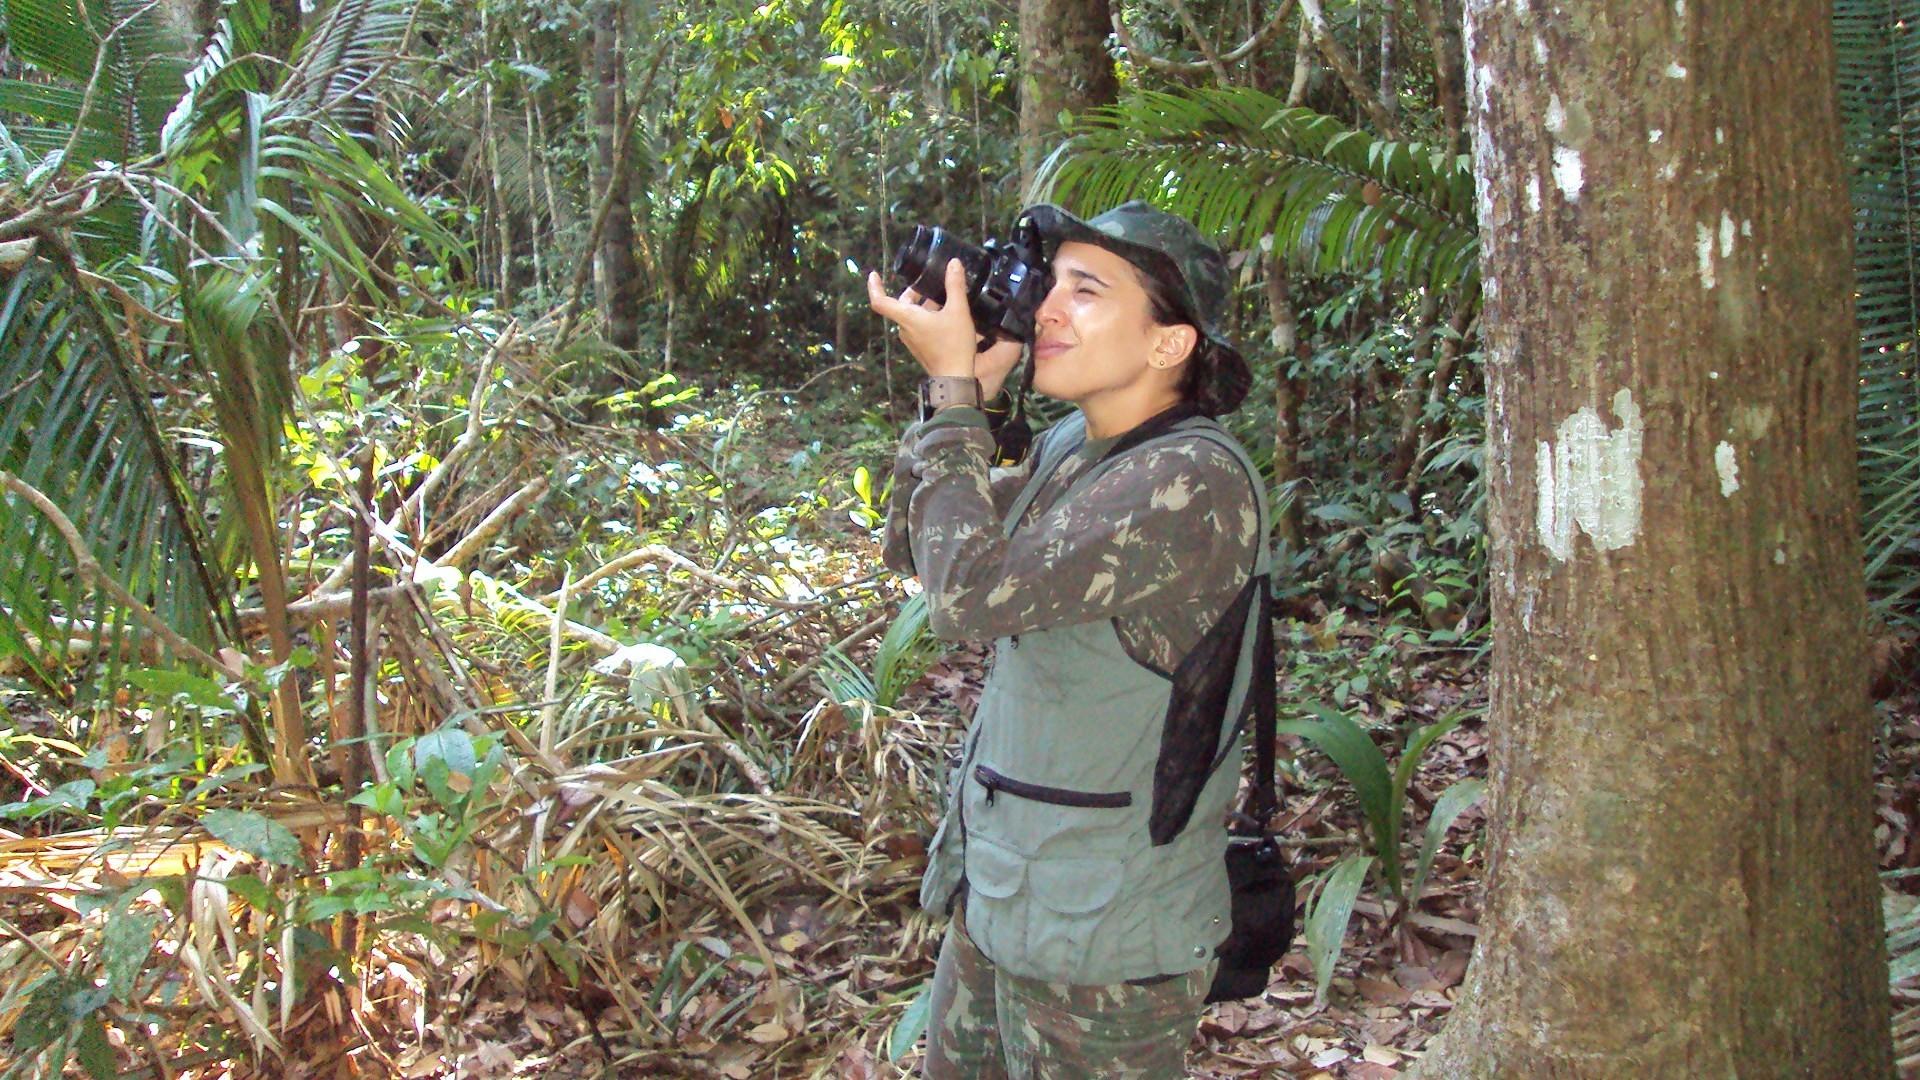 A pesquisadora participou de diferentes atividades de monitoramento e observação no Arco do Desmatamento (Foto: Gustavo Canale)